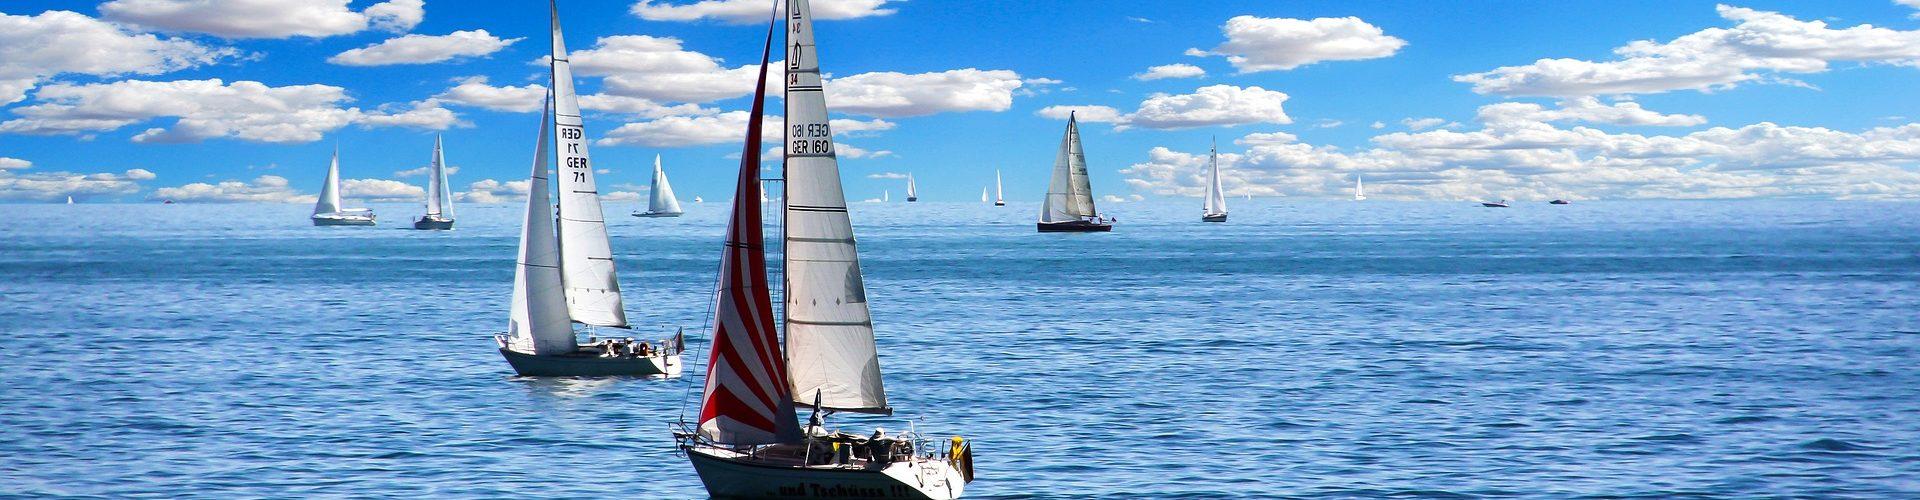 segeln lernen in Altheim Alb segelschein machen in Altheim Alb 1920x500 - Segeln lernen in Altheim (Alb)